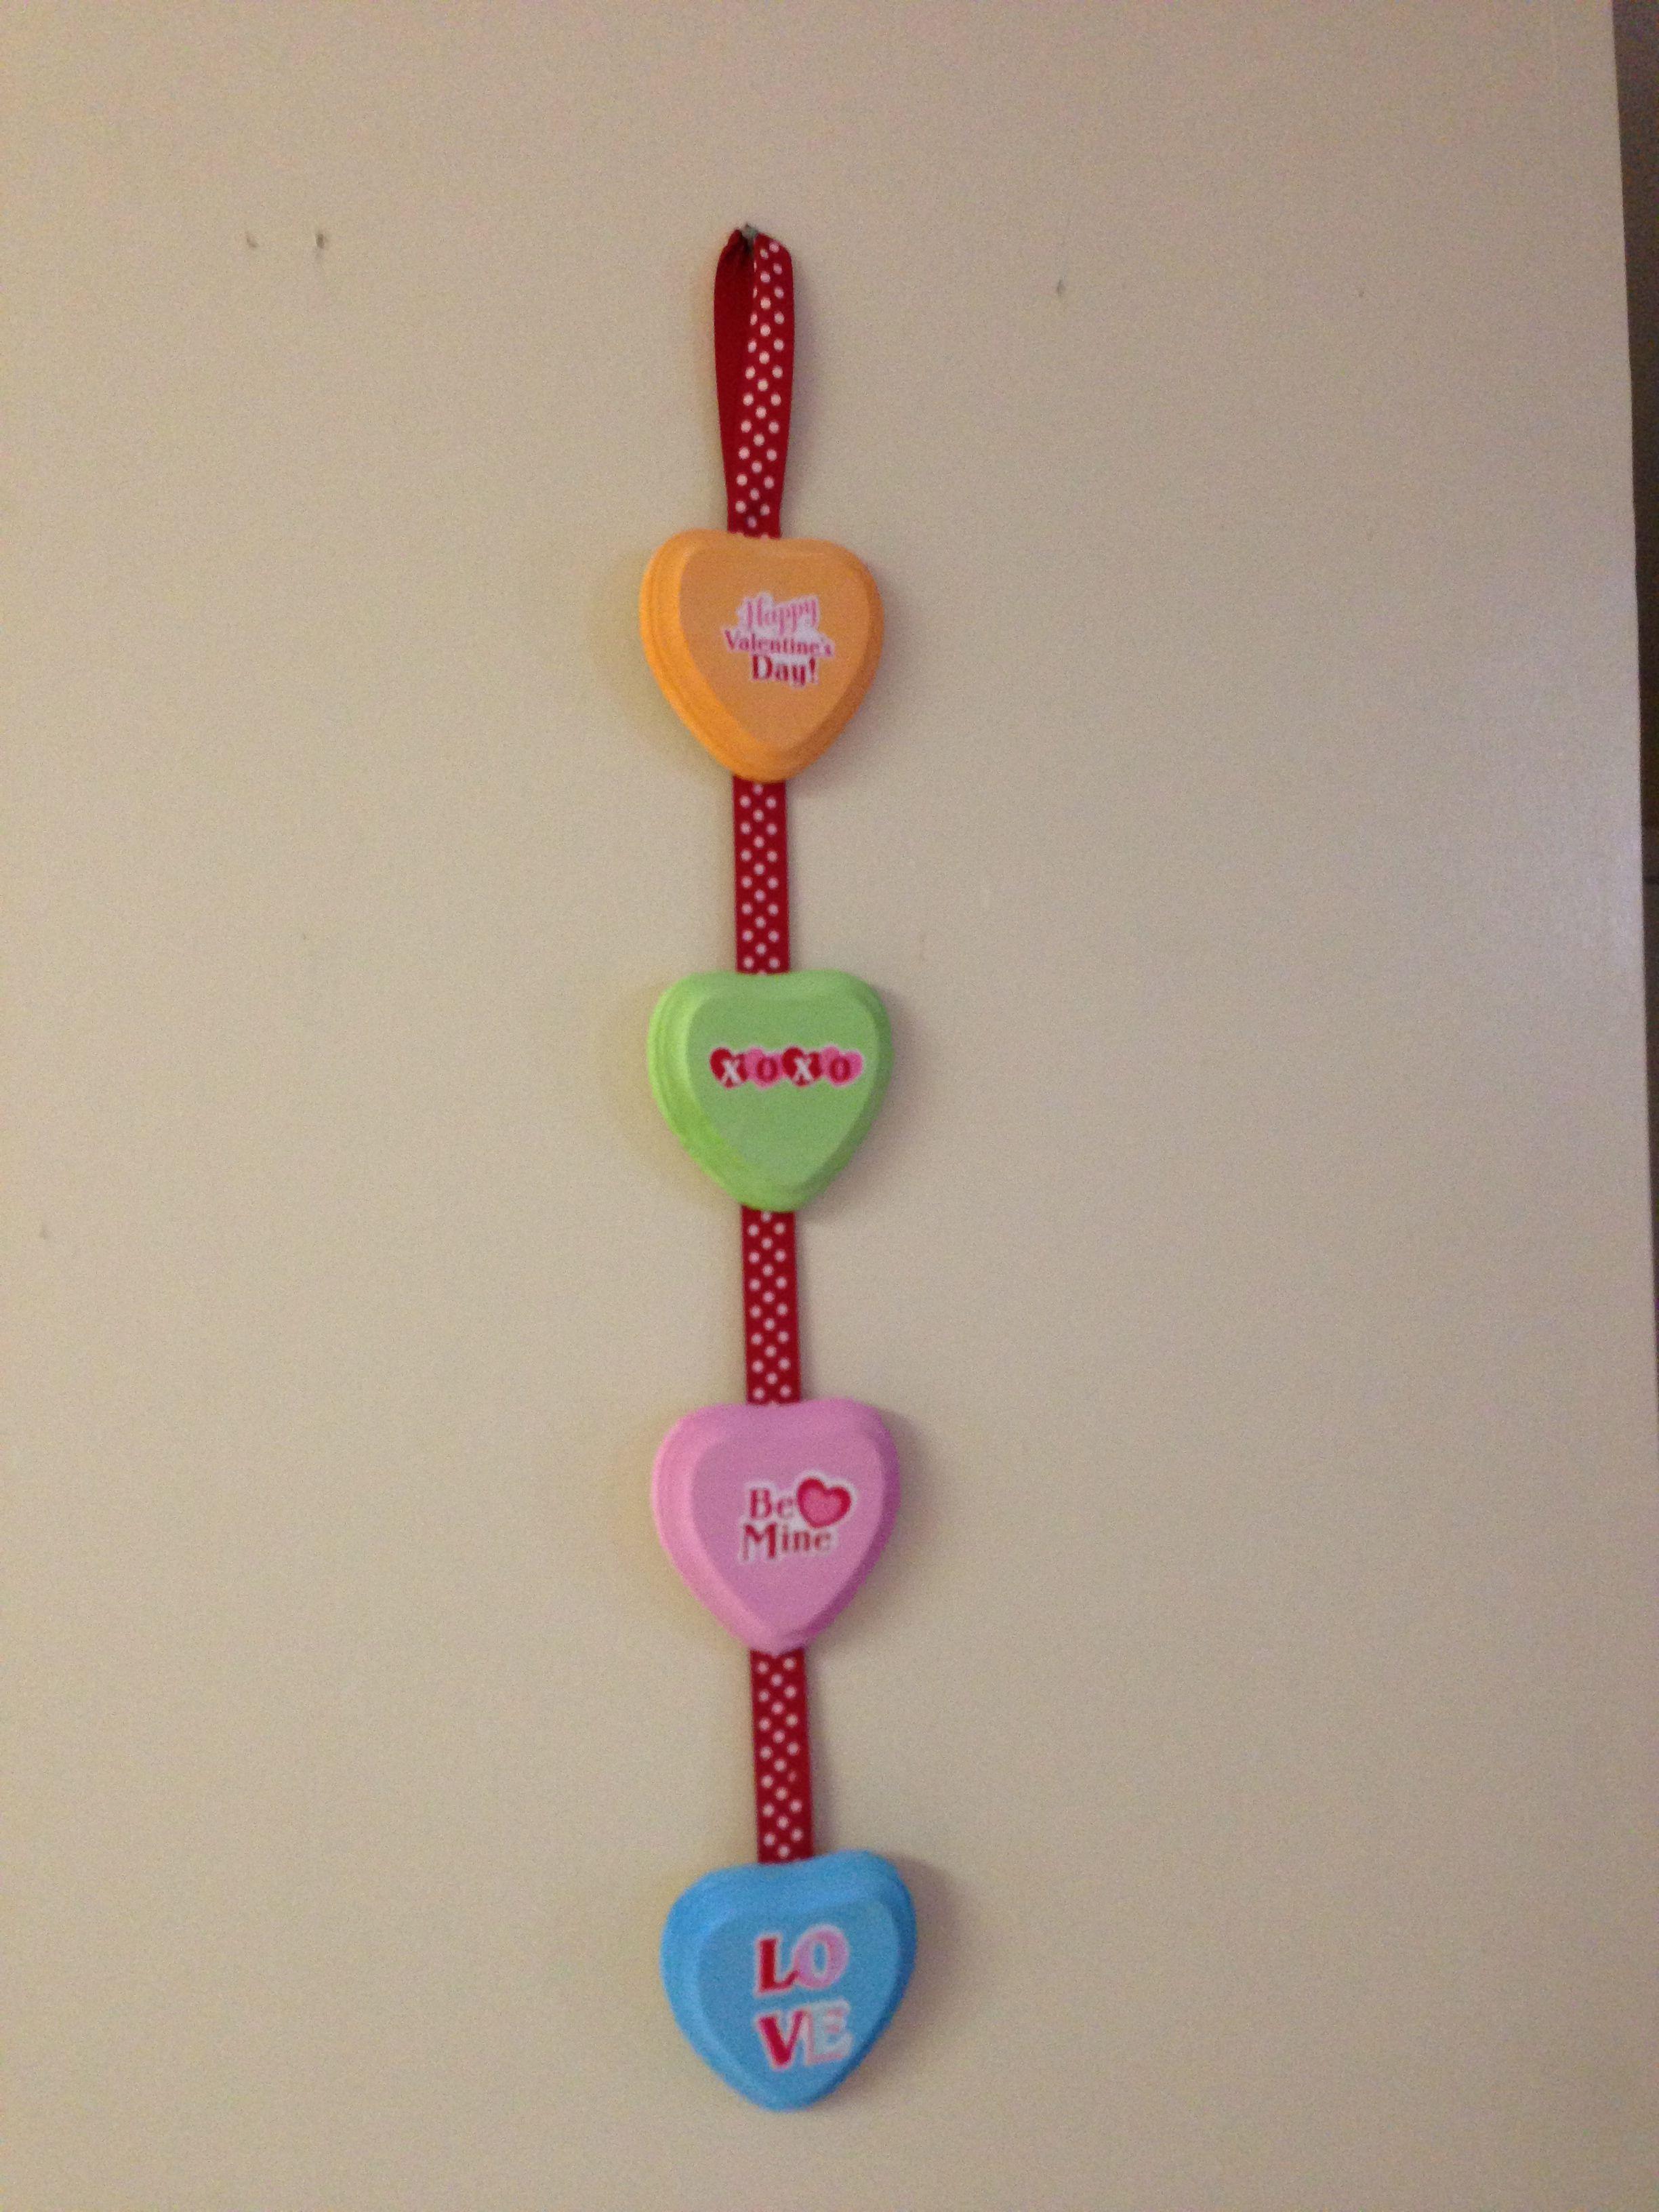 Hobby lobby hearts 80 each ribbon 299 paint i had on